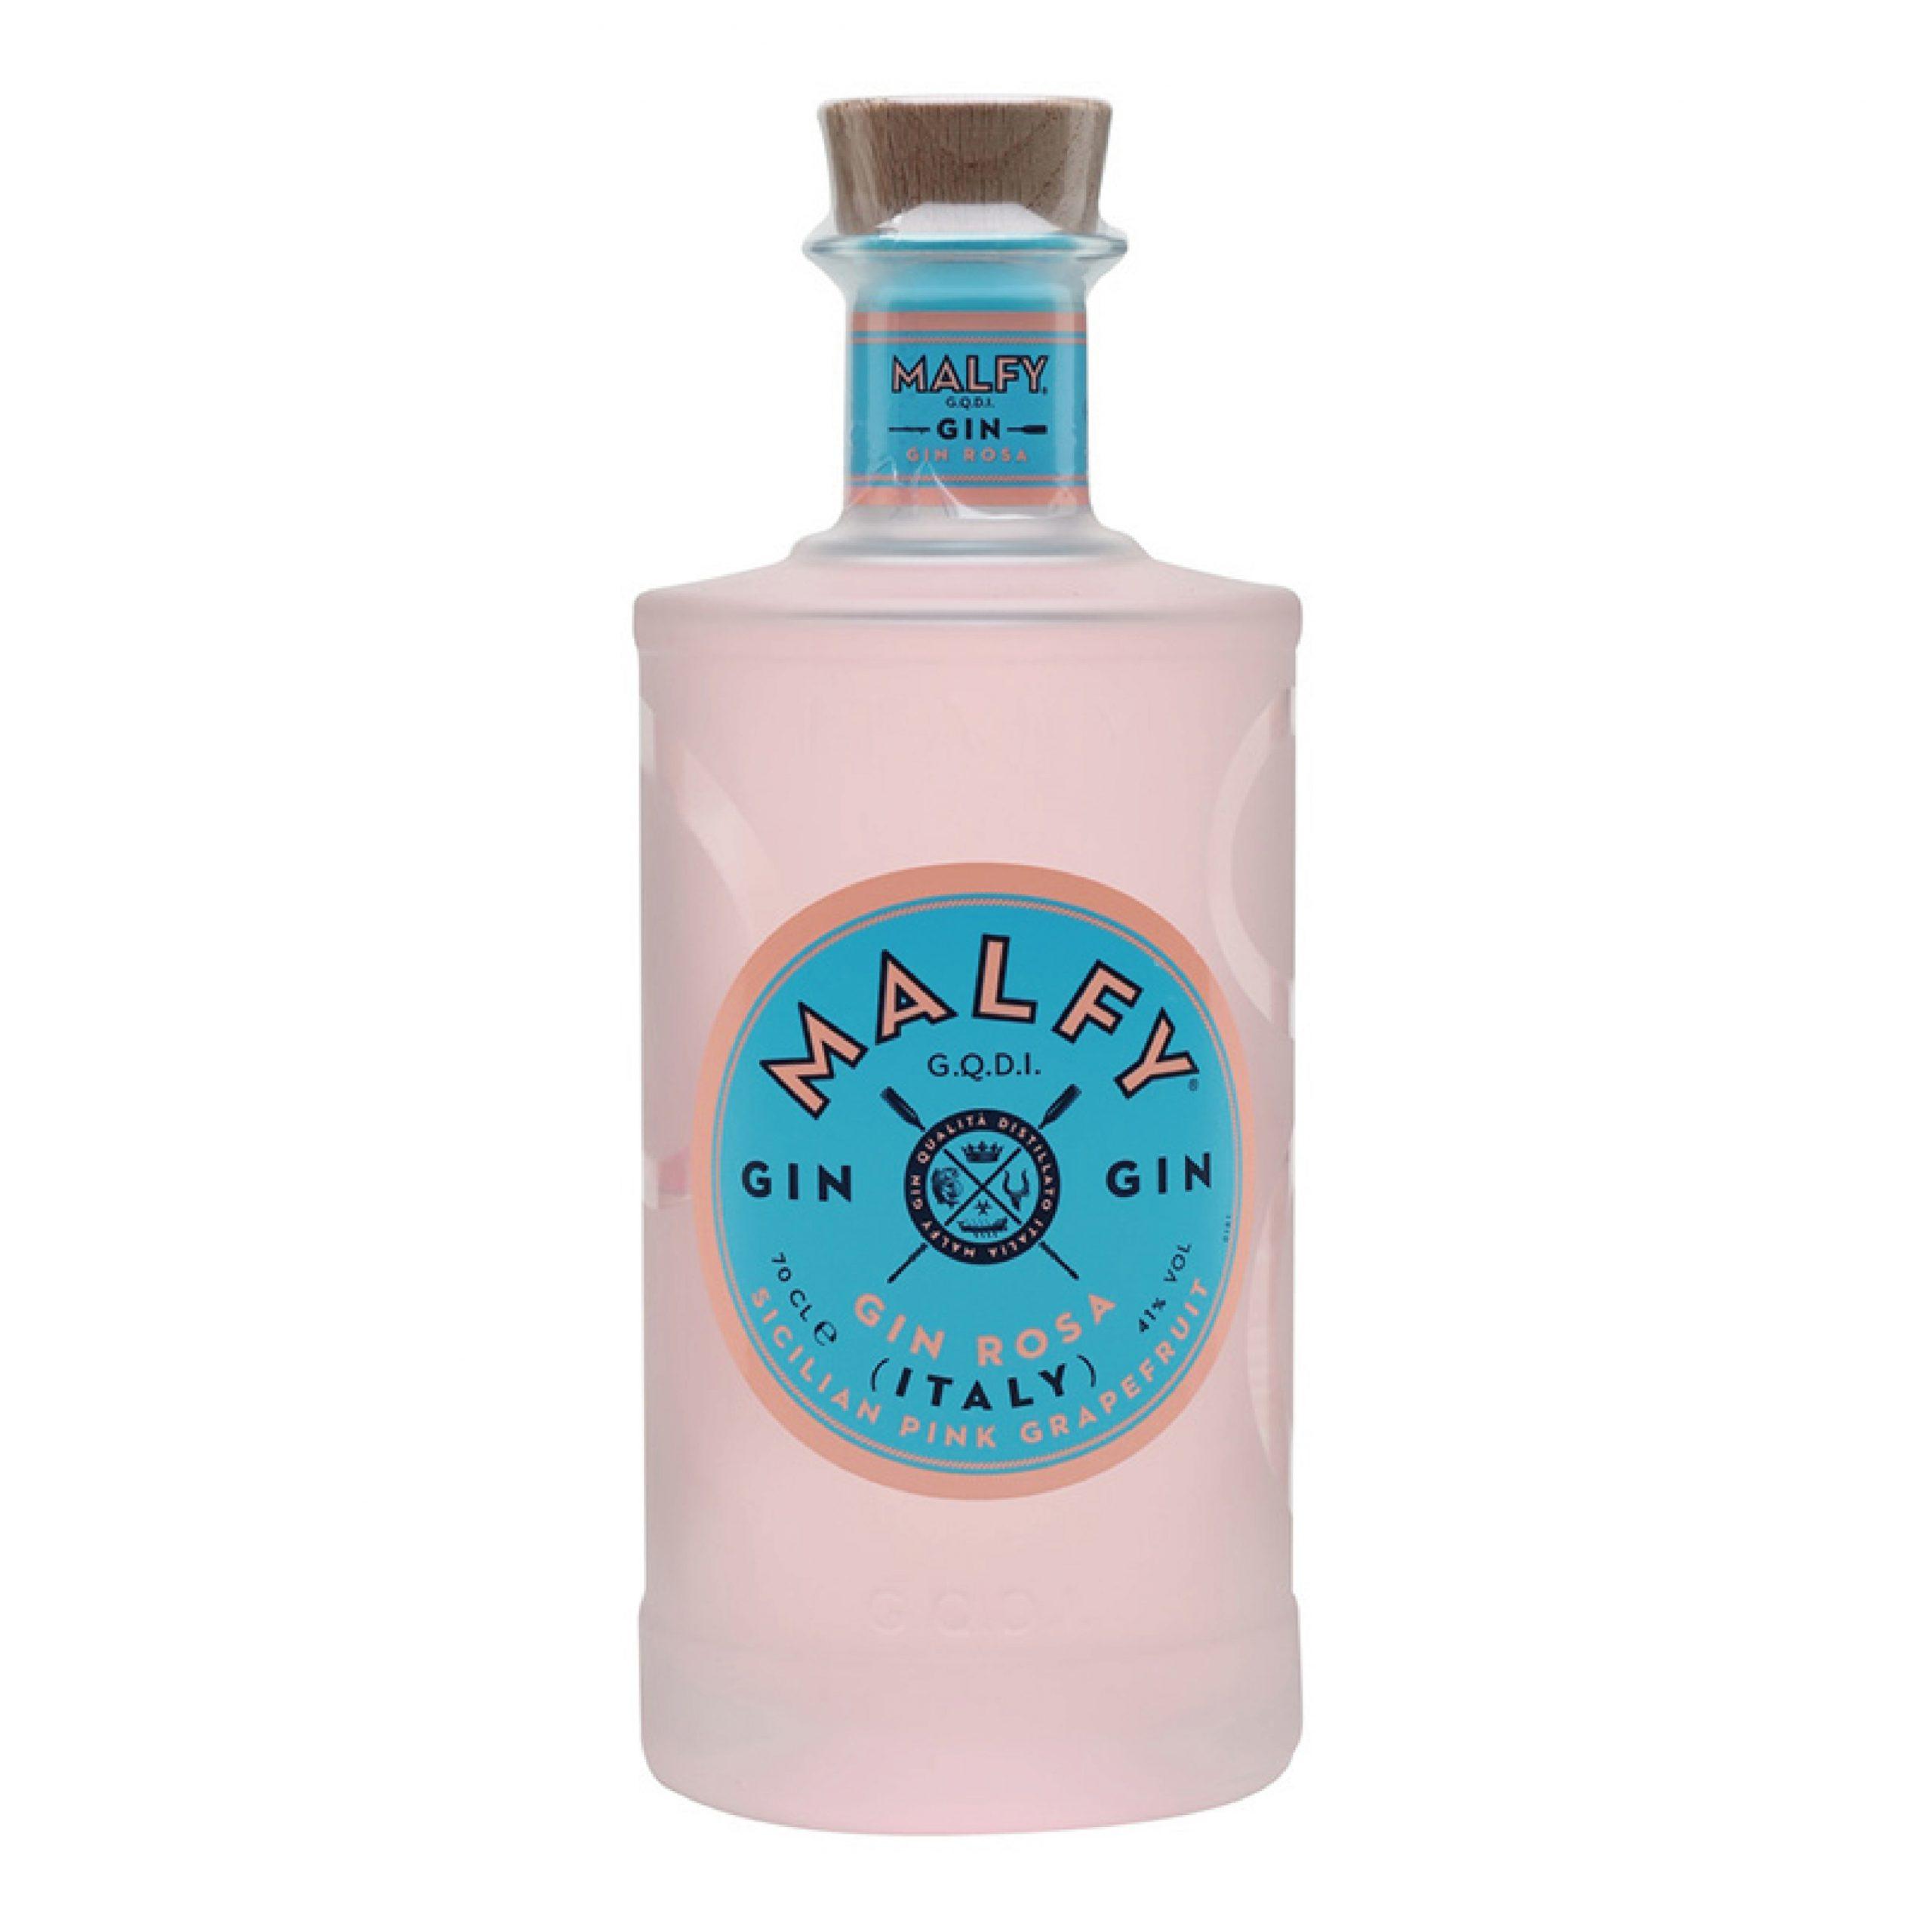 Malay rosa gin